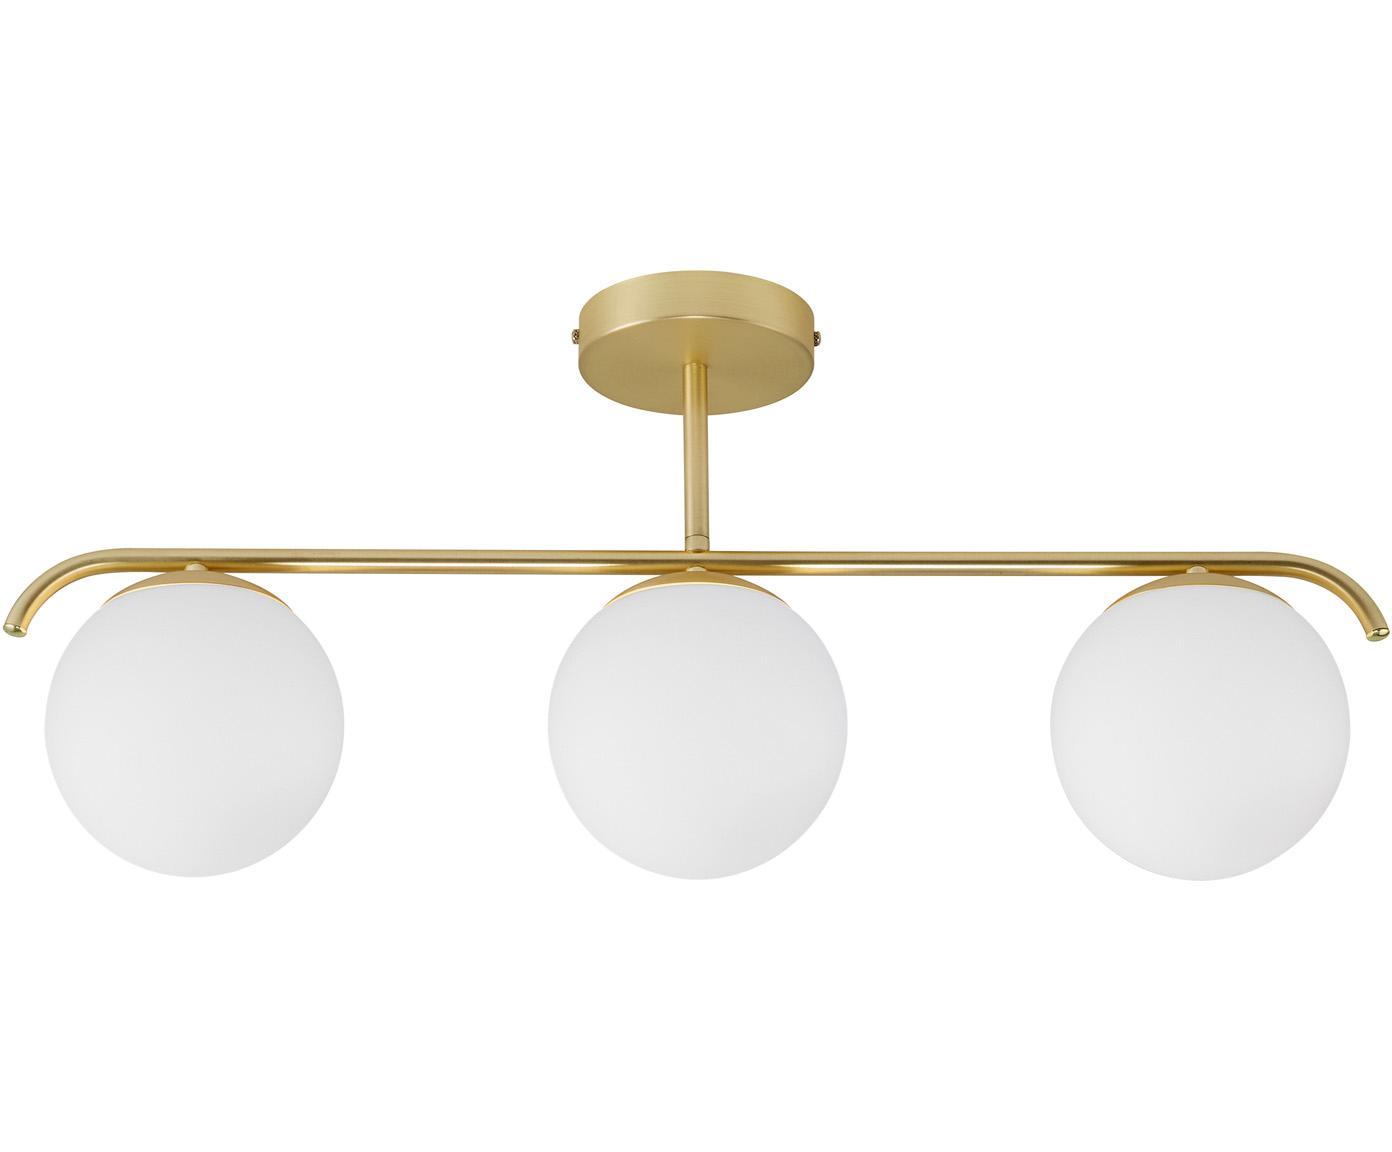 Lampa sufitowa ze szkła opalowego Grant, Biały, złoty, S 70 cm x W 30 cm